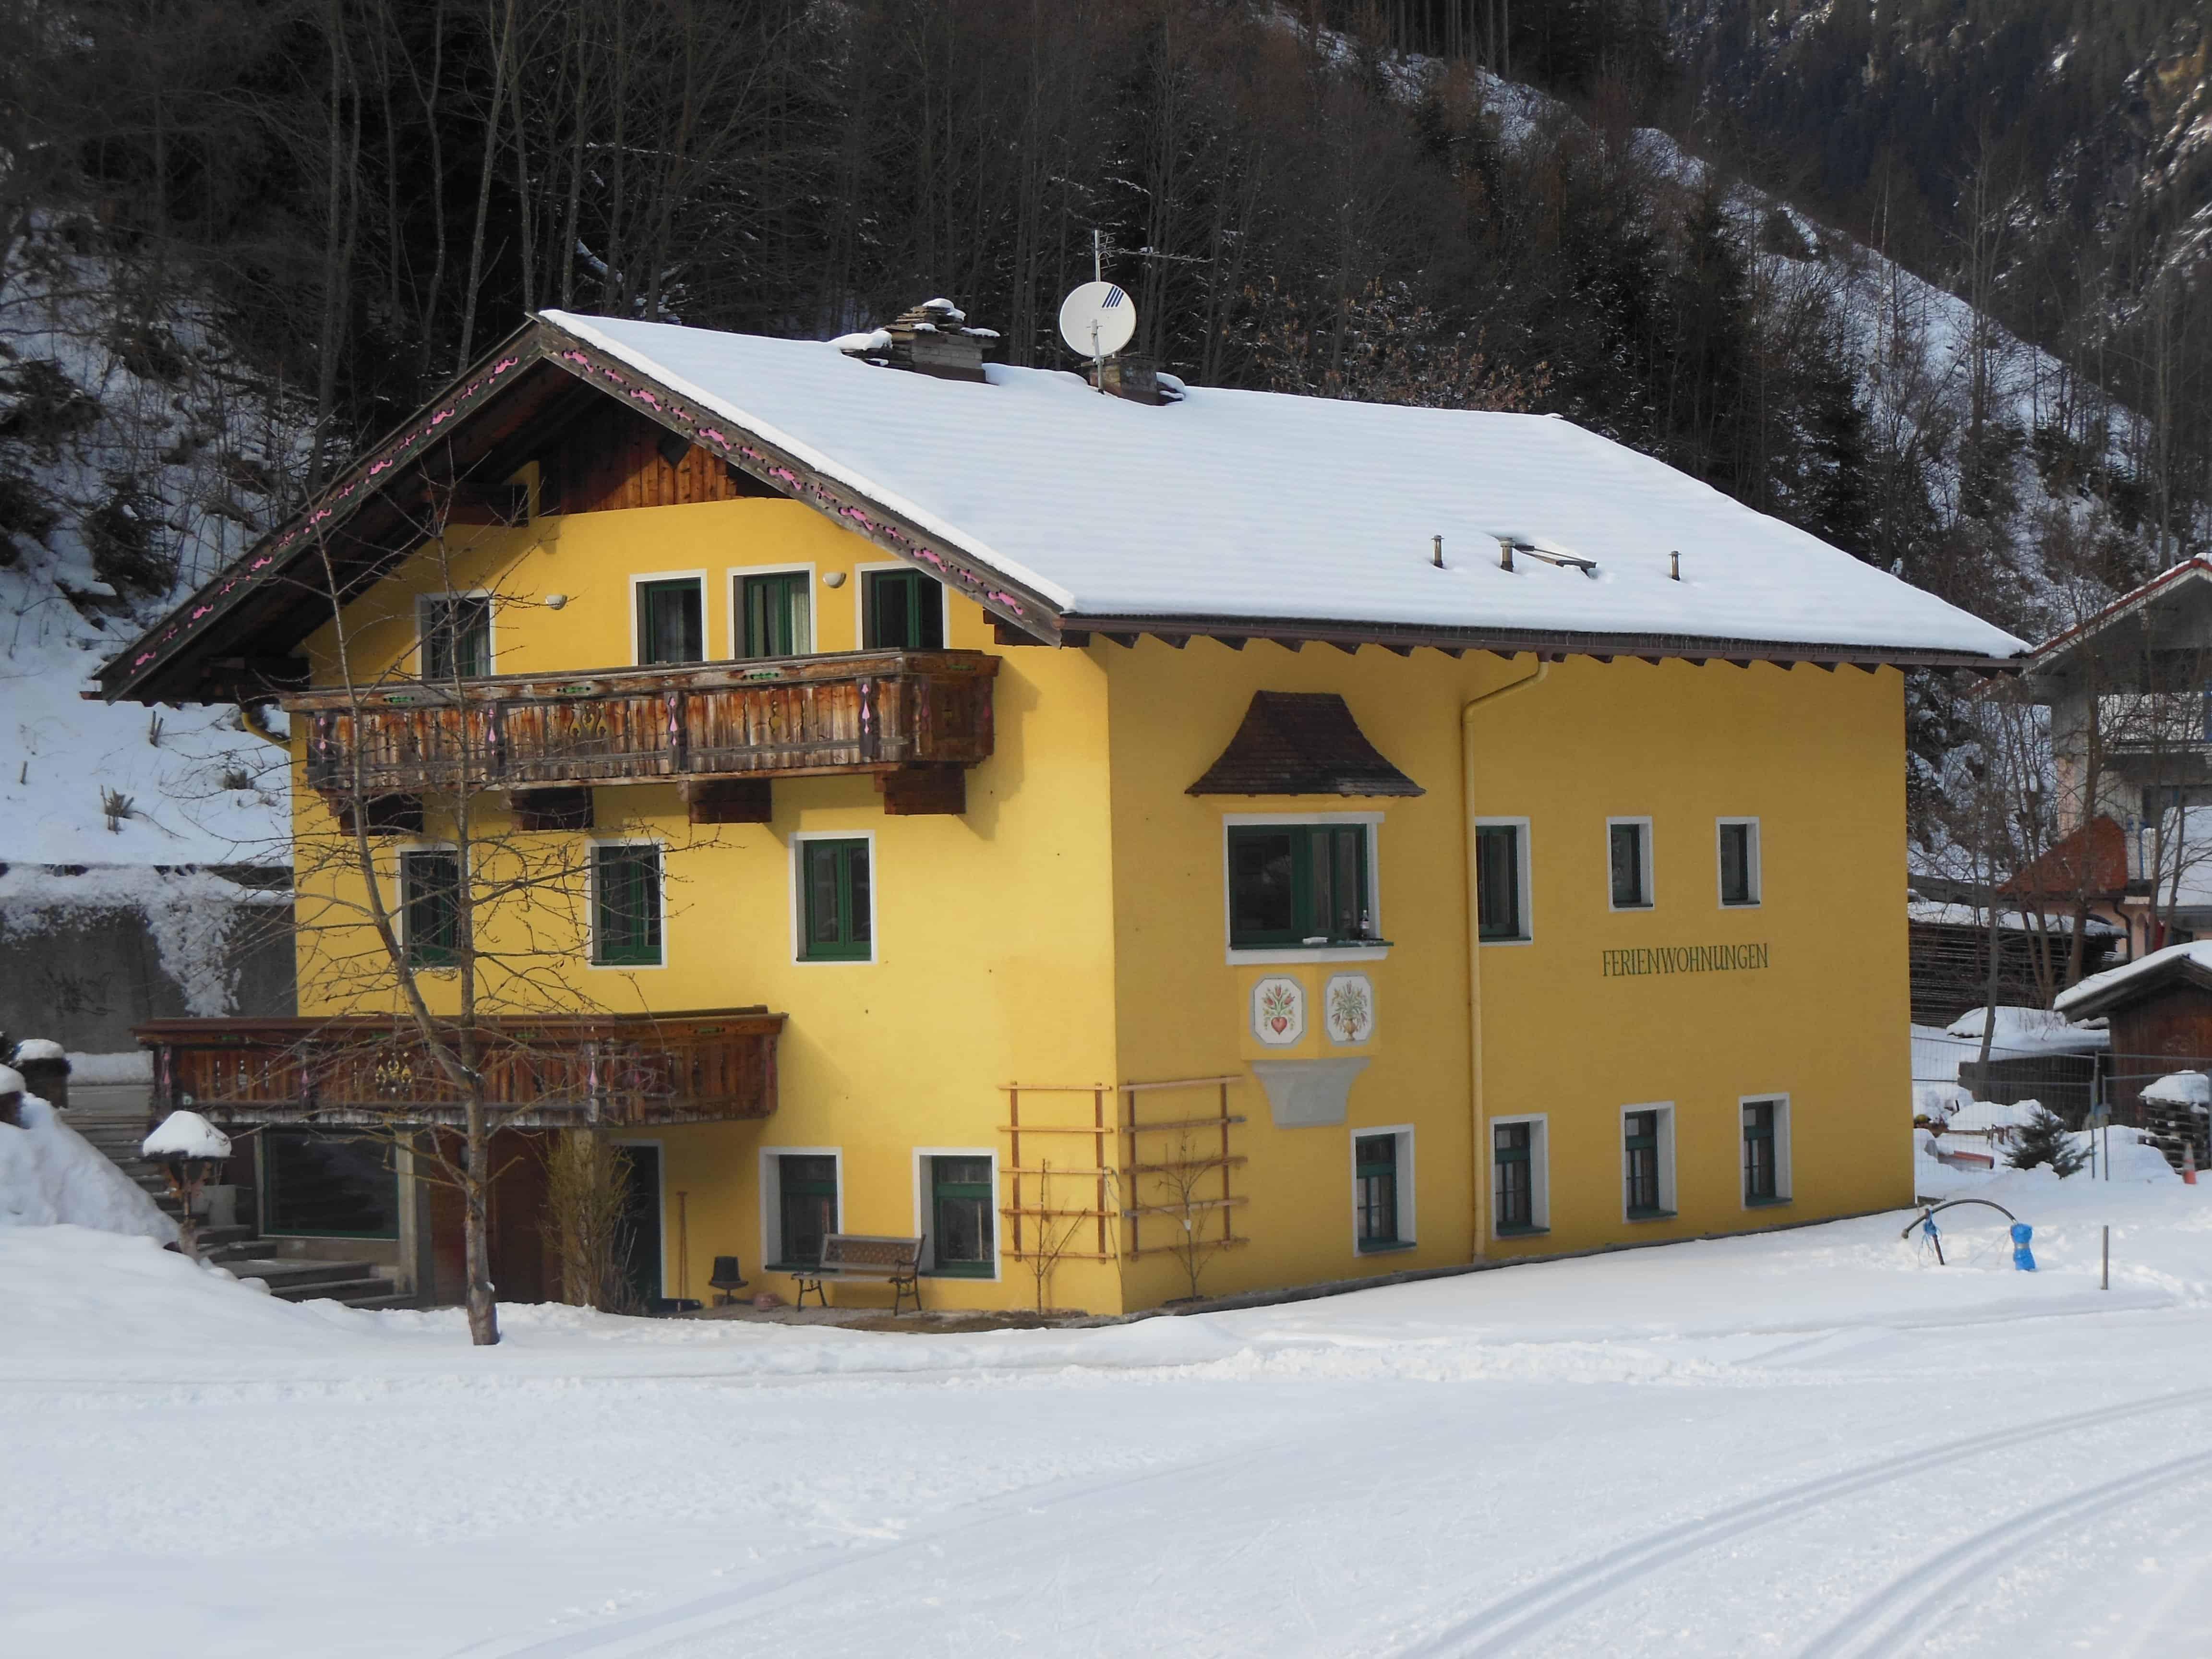 """Blick vom Winterwanderweg auf das Ferienhaus """"Zum Fuhrmann"""" im Stubaital"""